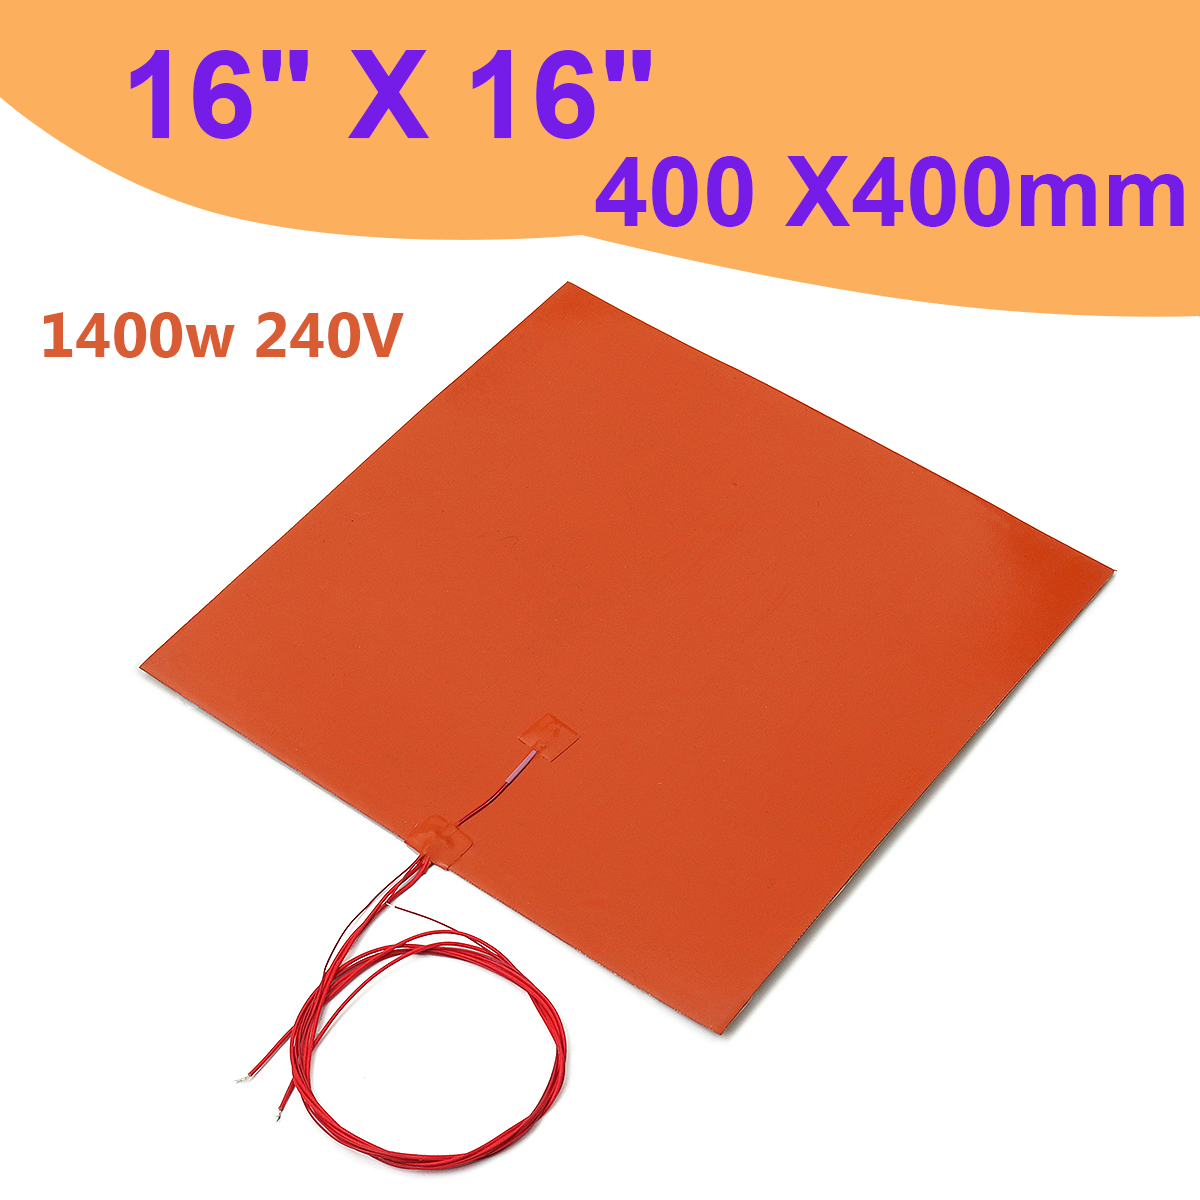 1400 w 240 V 400x400mm Chauffe Silicone Chauffe-Lit Pad pour 3D Imprimante Sans Trou Chauffage Pad Orange 3D Imprimante accessoires